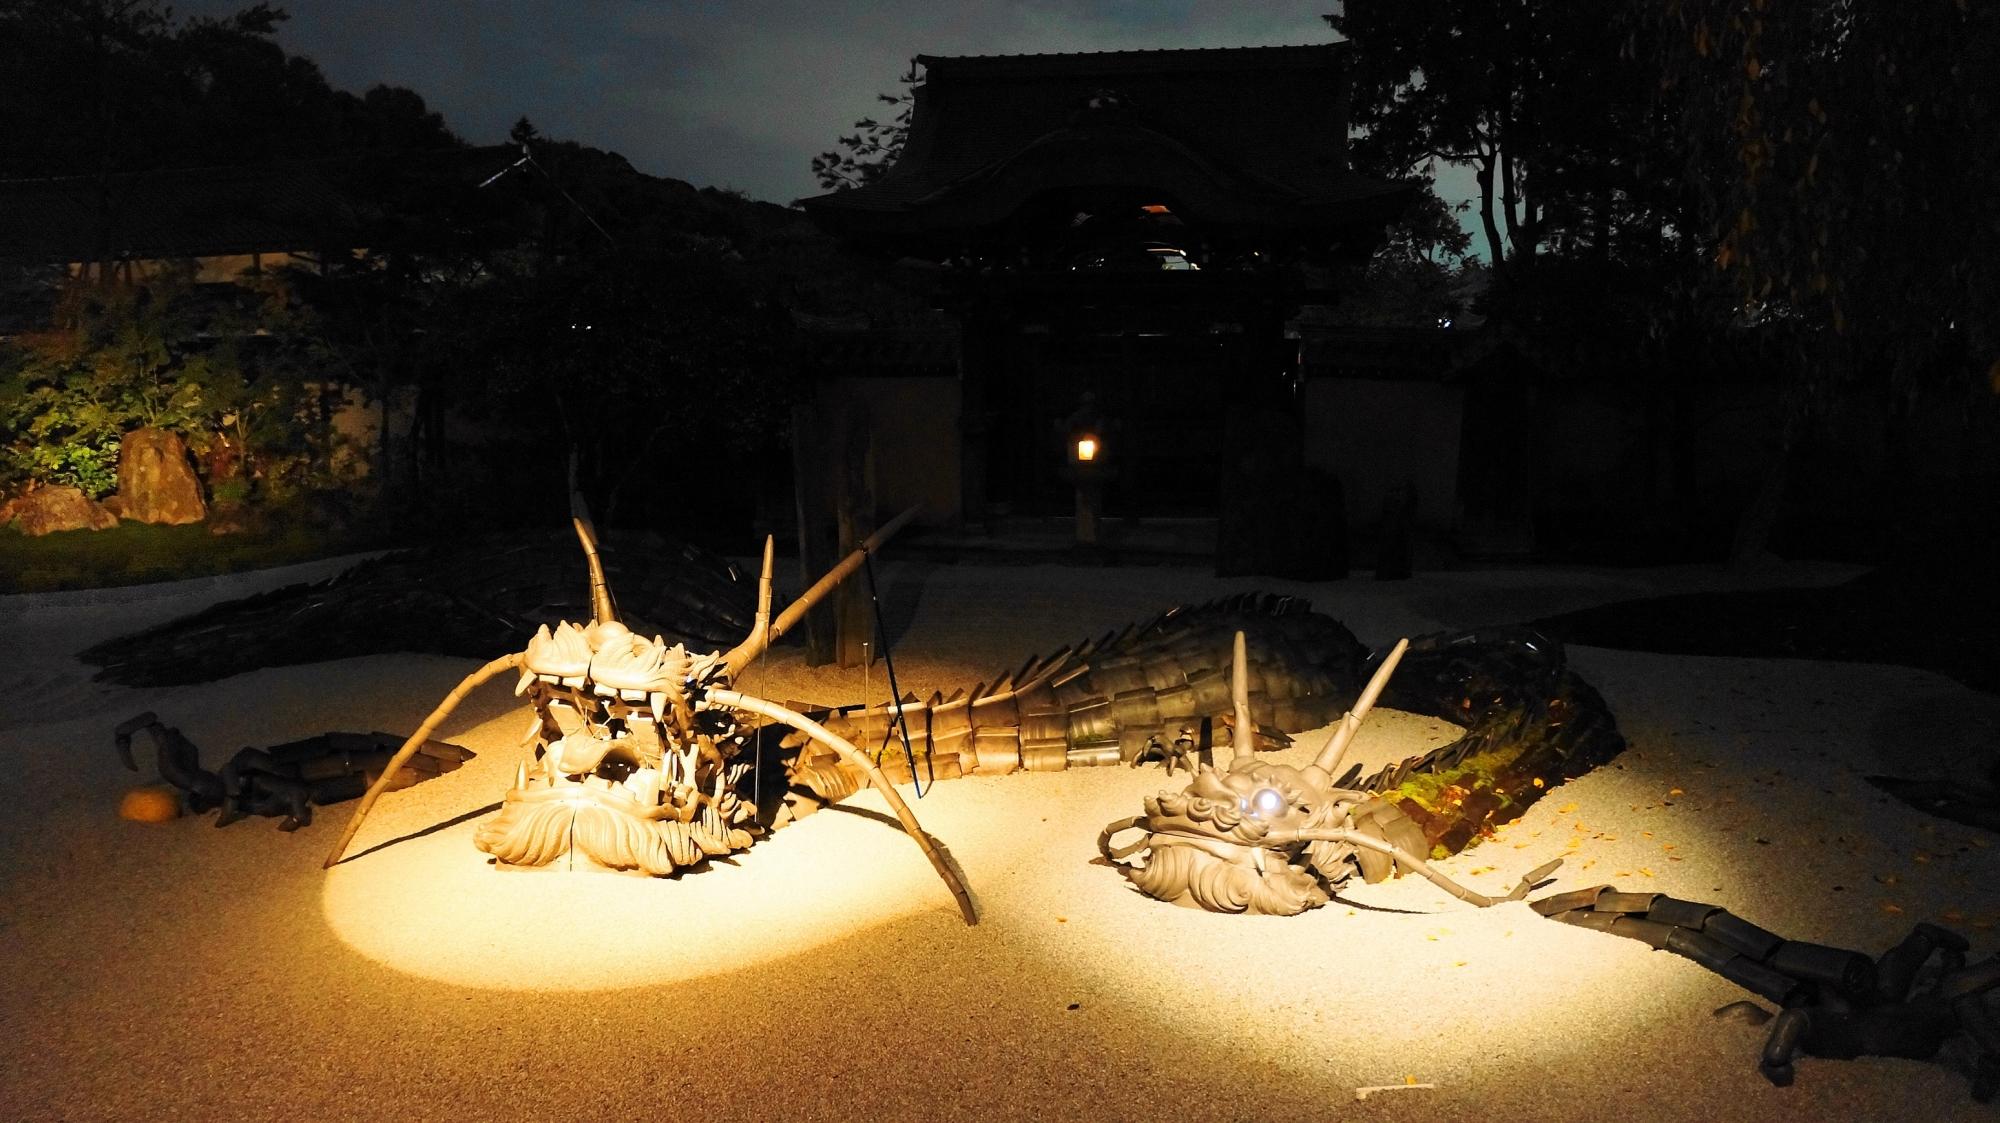 方丈庭園 龍 ライトアップ 幻想的 高台寺